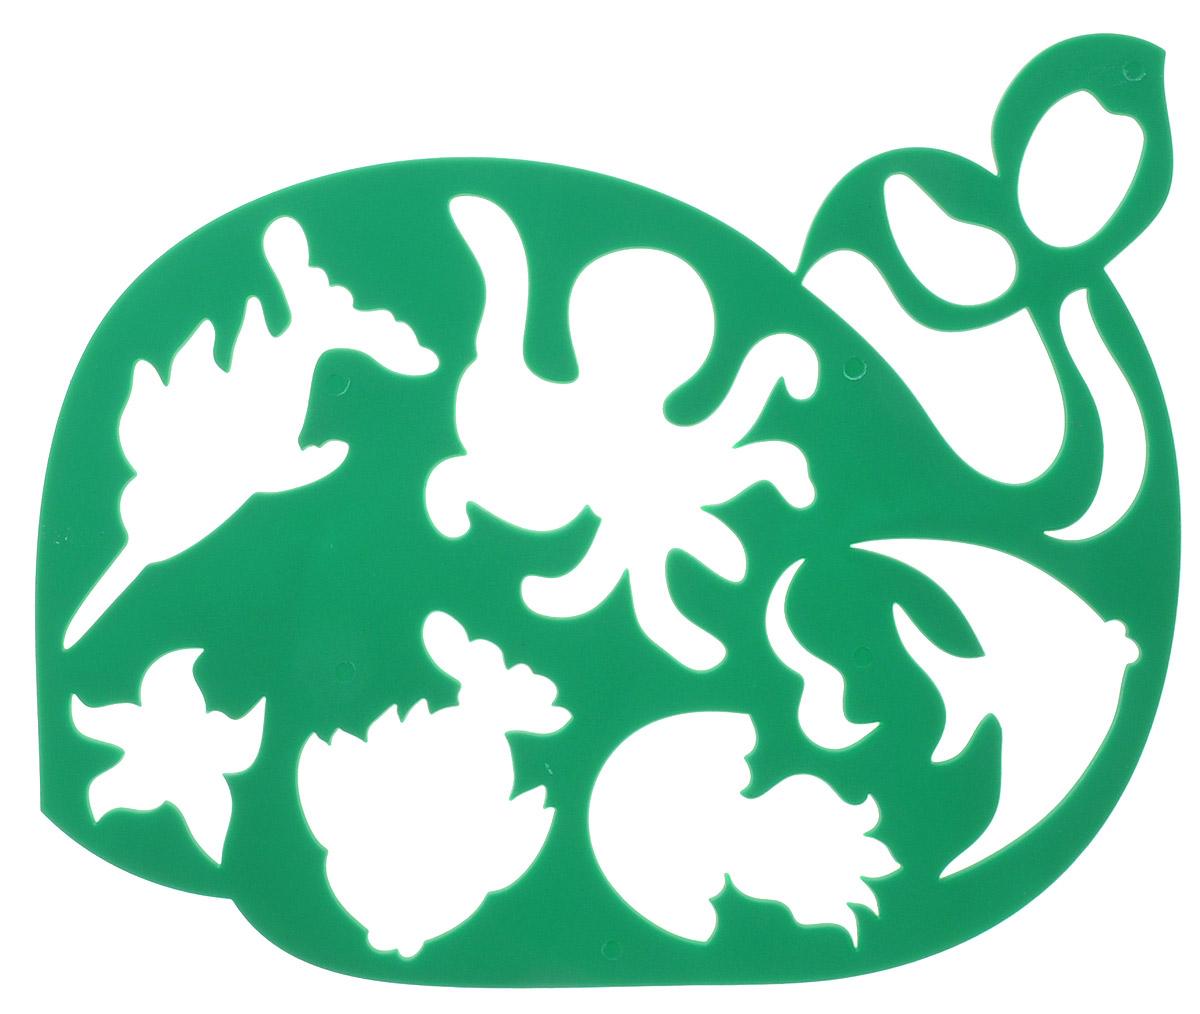 Луч Трафарет фигурный Китенок и его друзья цвет зеленый17С 1146-08Трафарет Луч Китенок и его друзья, выполненный из безопасного пластика, предназначен для детского творчества. При помощи этого трафарета ребенок может нарисовать забавного китенка, исследовать океан и познакомиться с его обитателями. Трафарет можно использовать для рисования отдельных персонажей и композиций, а также для изготовления аппликаций. Для этого необходимо положить трафарет на лист бумаги, обвести фигуру по контуру и раскрасить по своему вкусу или глядя на цветную картинку-образец. Трафареты предназначены для развития у детей мелкой моторики и зрительно-двигательной координации, навыков художественной композиции и зрительного восприятия.